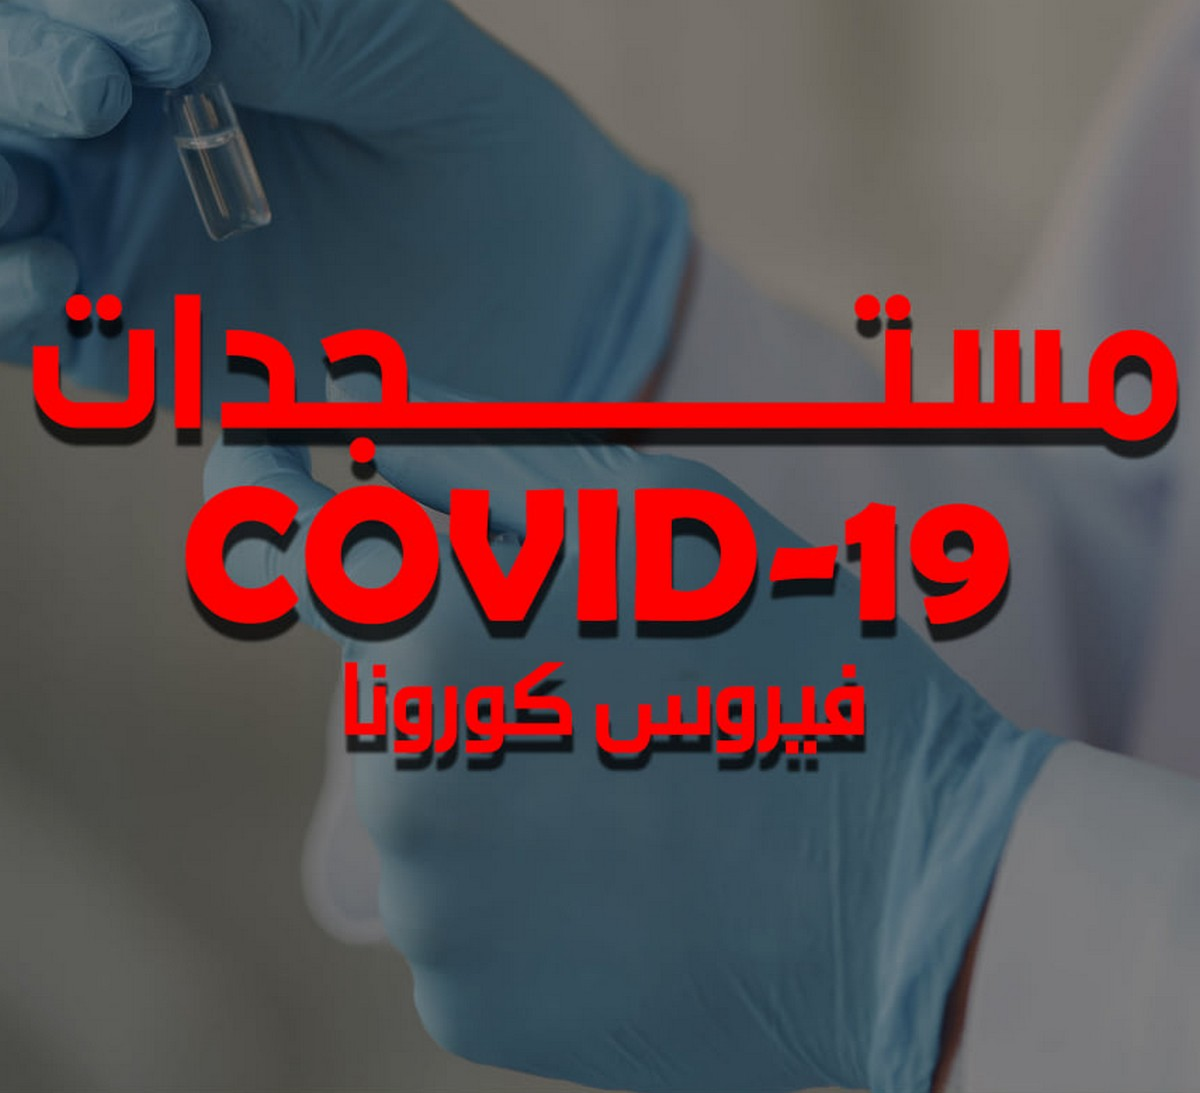 تونس في حصيلة مرعبة : 2373 اصابة جديدة و48 وفاة بفيروس كورونا